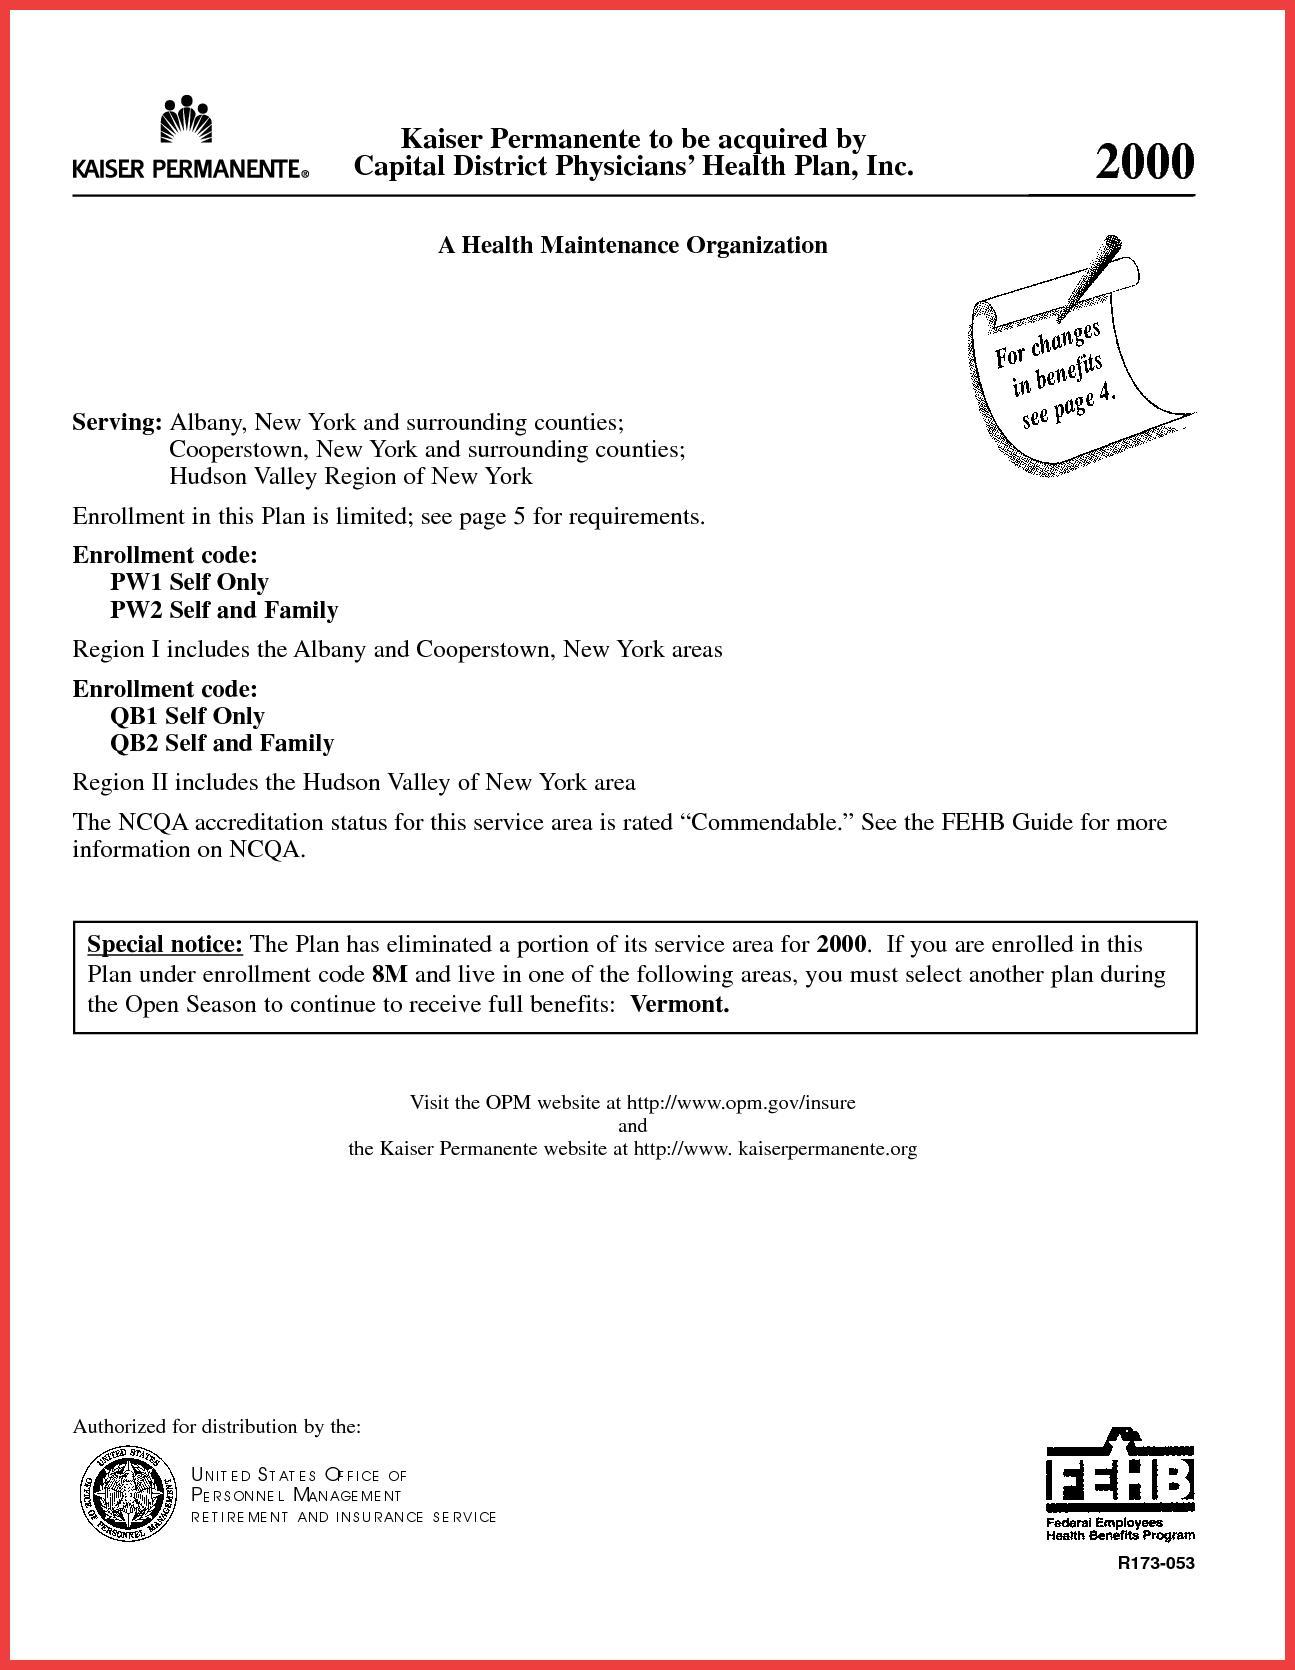 kaiser permanente doctors sick note